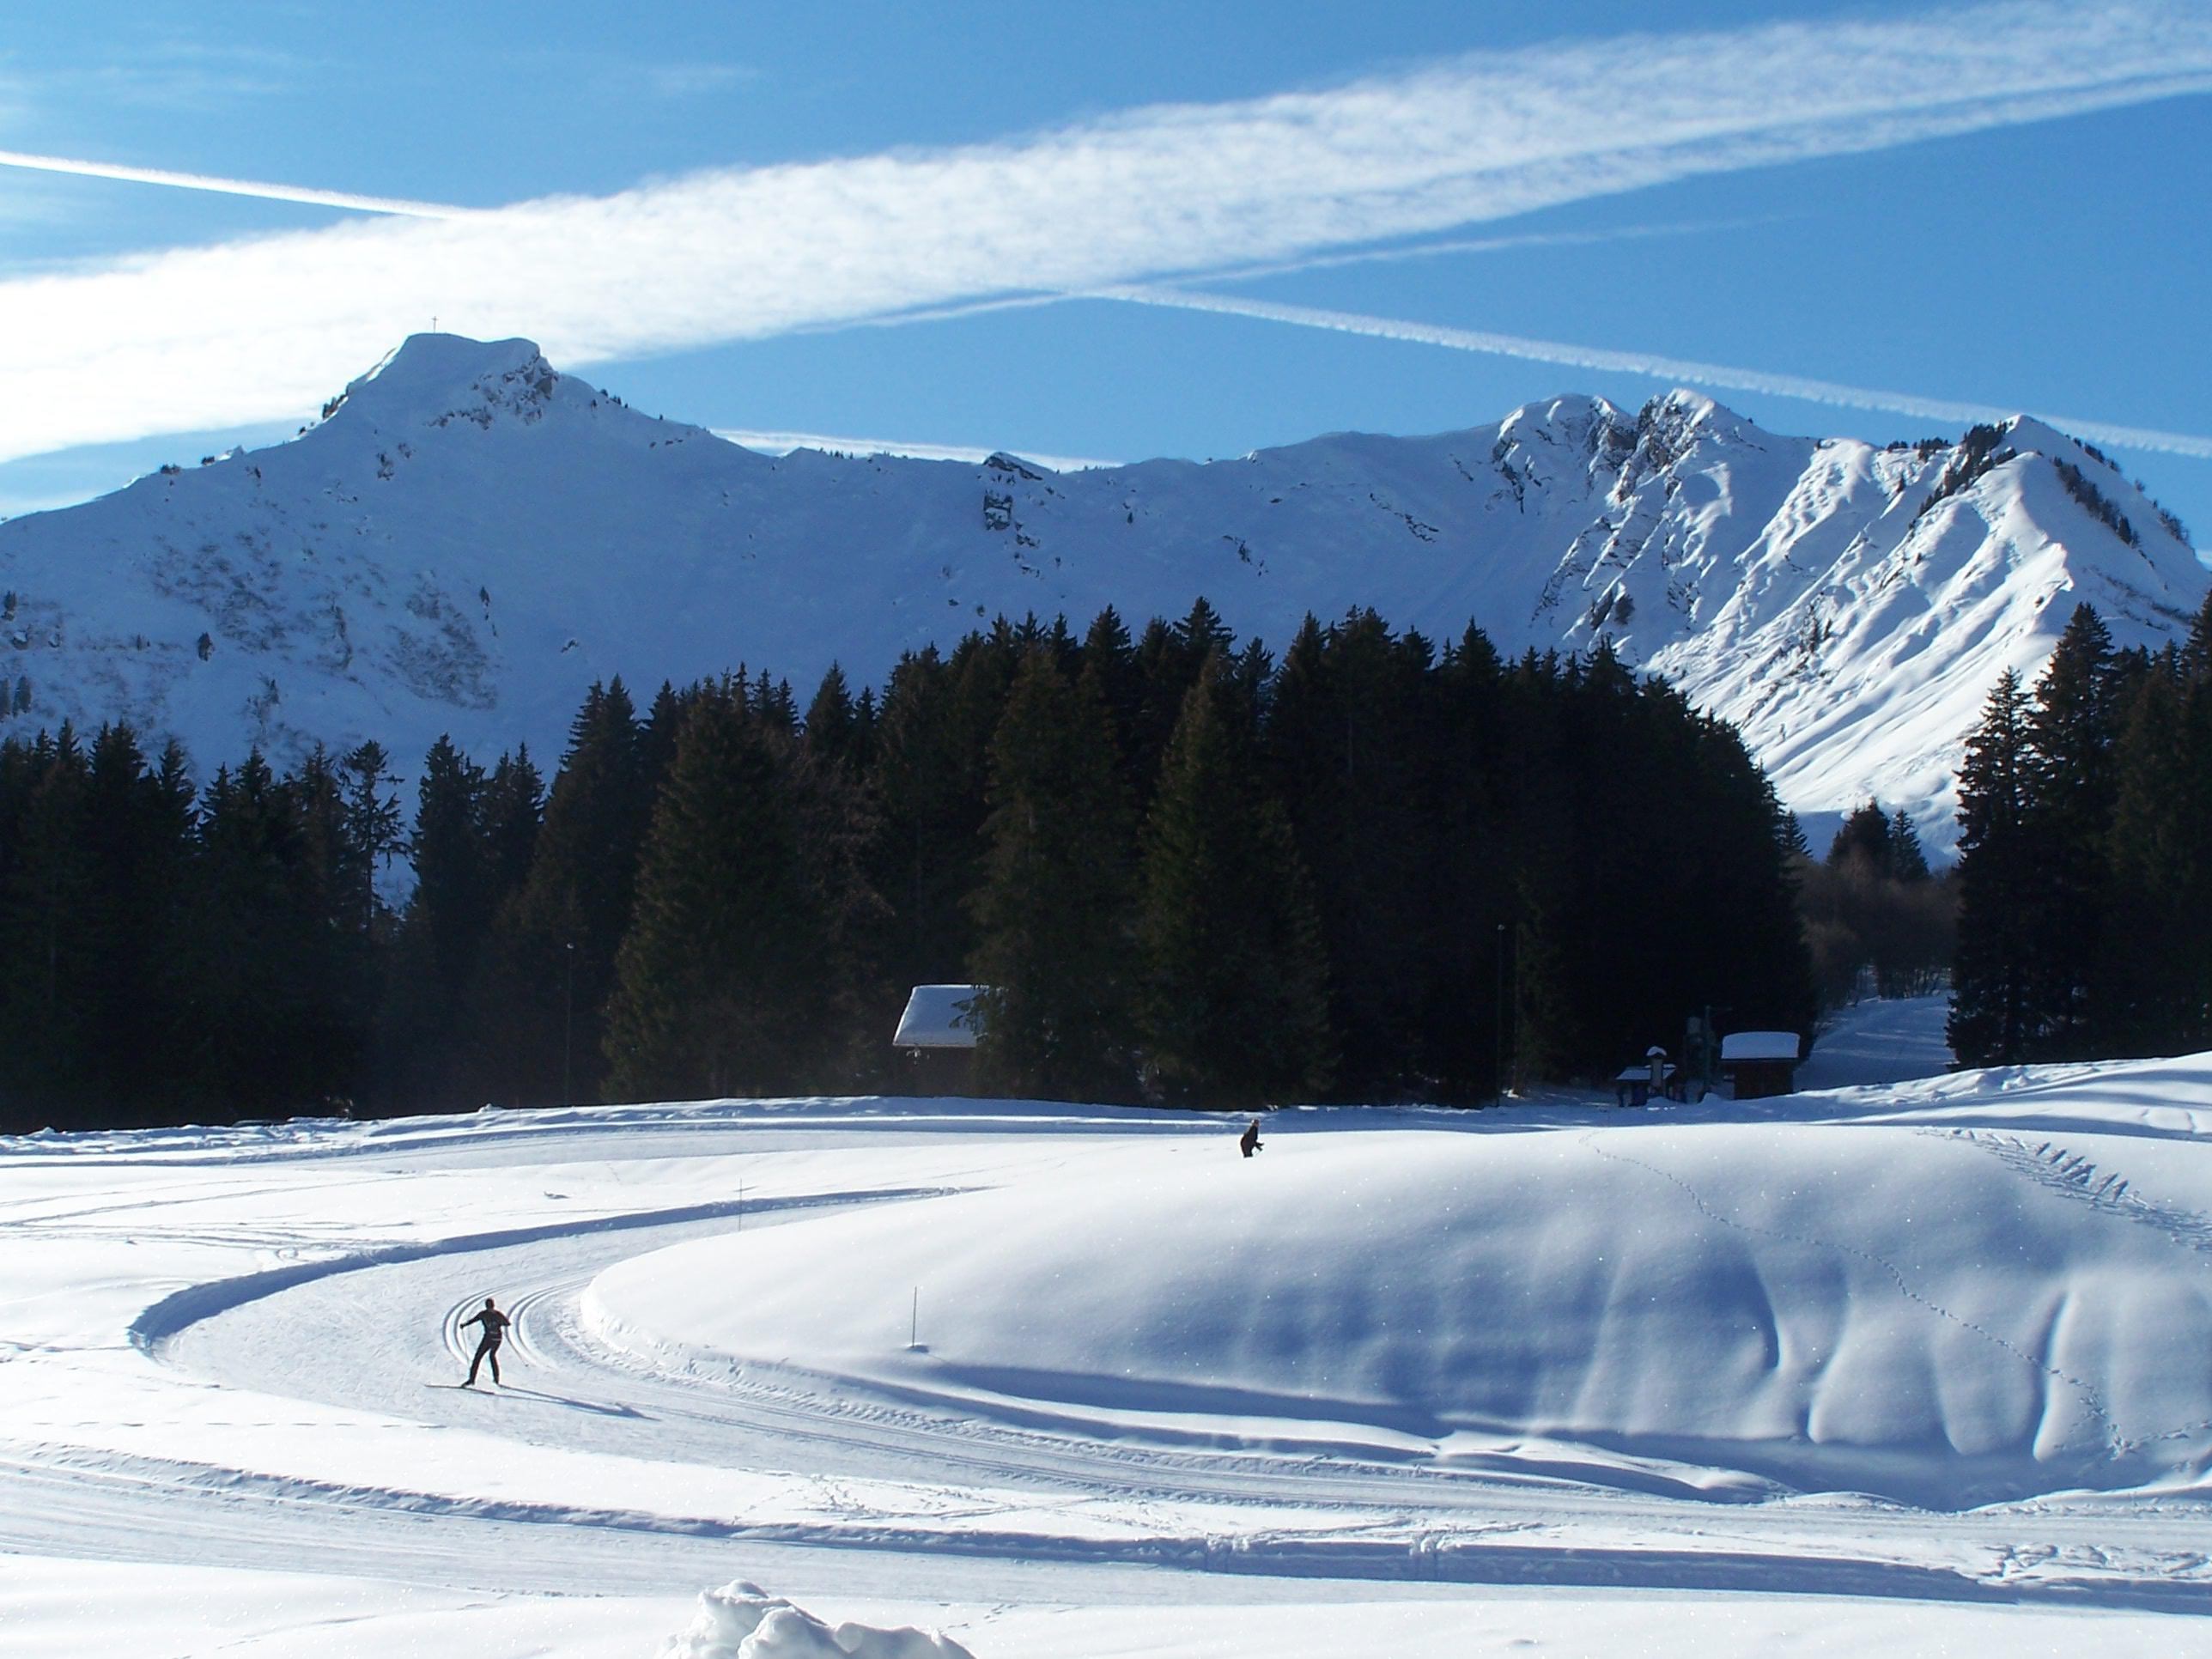 ski resort Le Praz de Lys